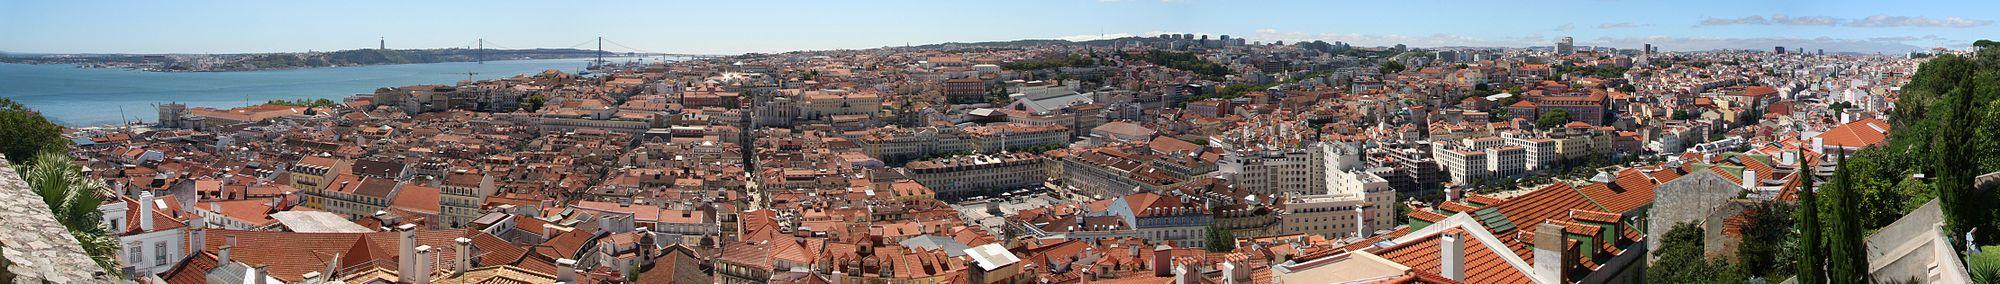 Panorama da cidade a partir do Castelo de São Jorge.